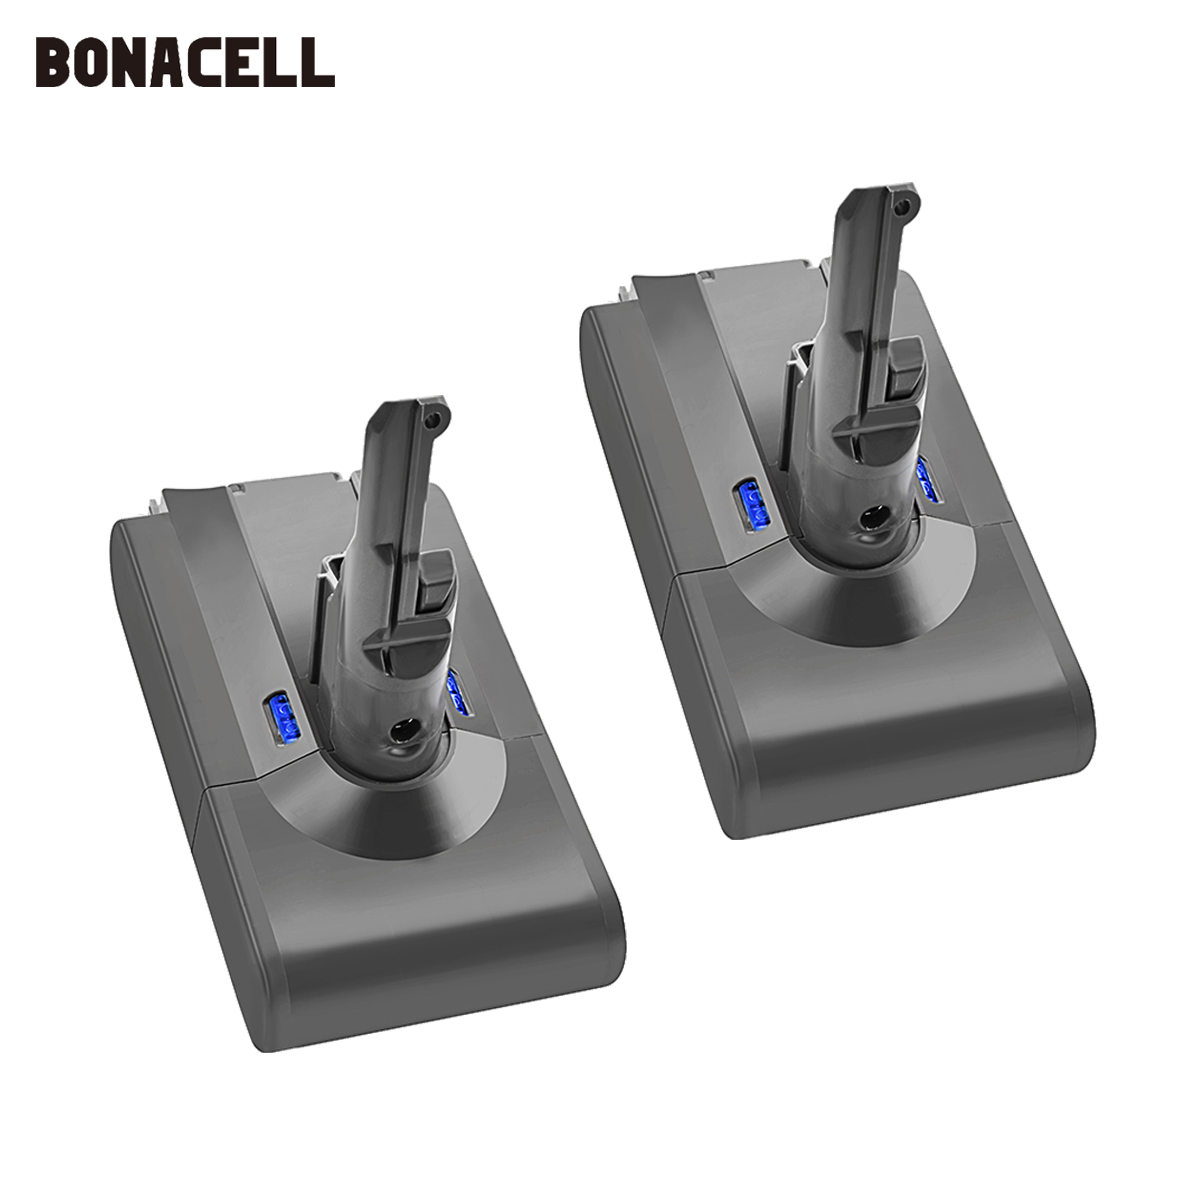 Bonacell V8 4000 мА/ч, 21,6 V Батарея для Dyson V8 Батарея абсолютная V8 животных Li-Ion SV10 пылесос Перезаряжаемые Батарея L70